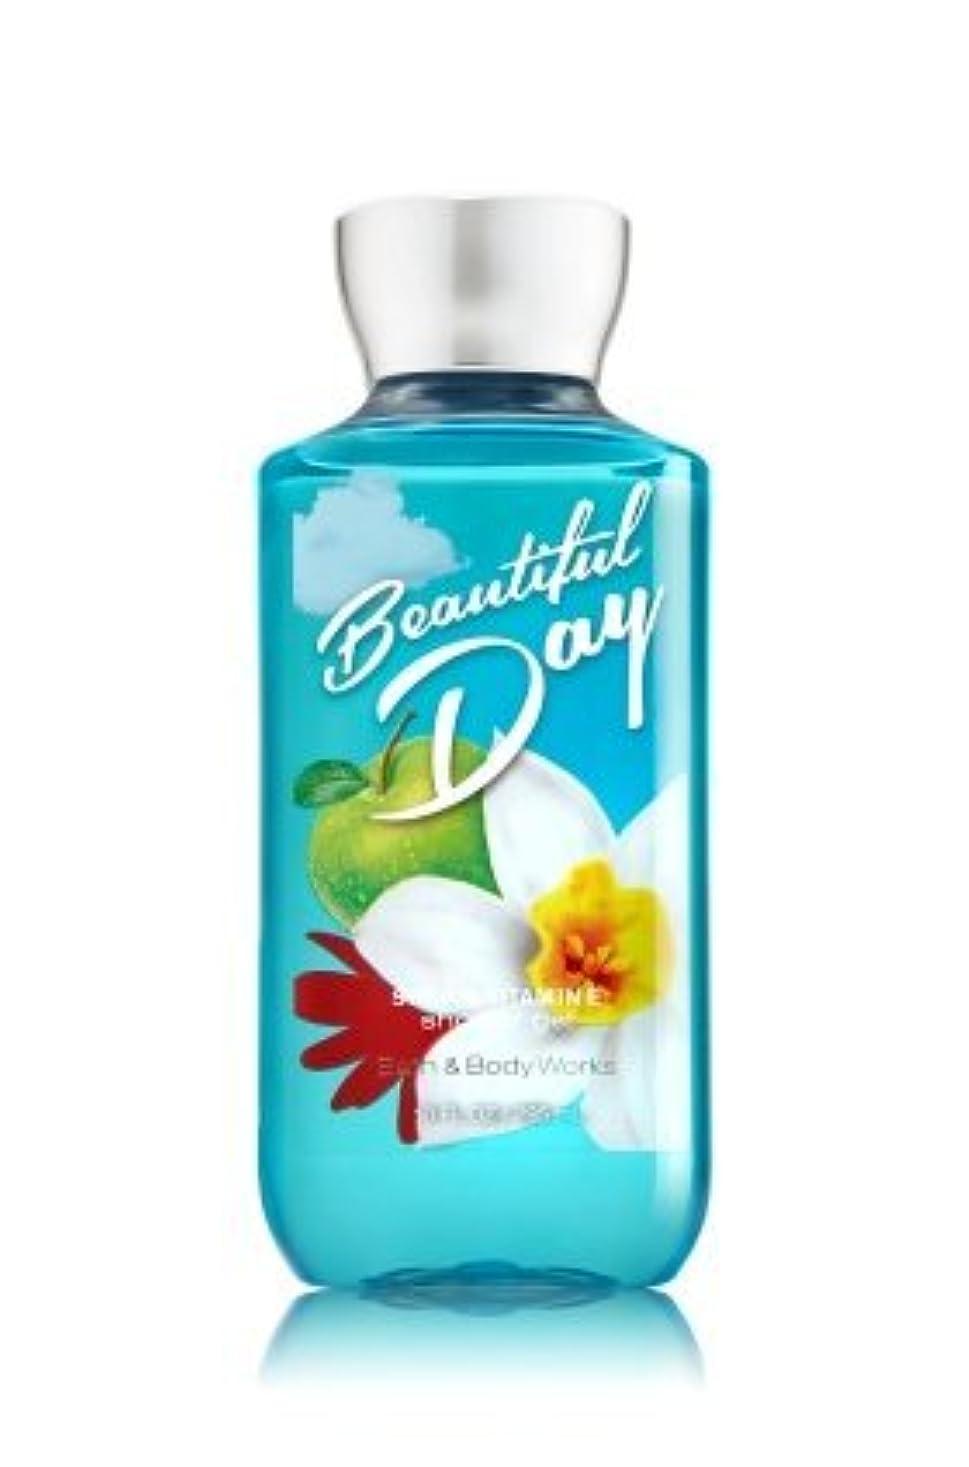 製造お酢拮抗【Bath&Body Works/バス&ボディワークス】 シャワージェル ビューティフルデイ Shower Gel Beautiful Day 10 fl oz / 295 mL [並行輸入品]